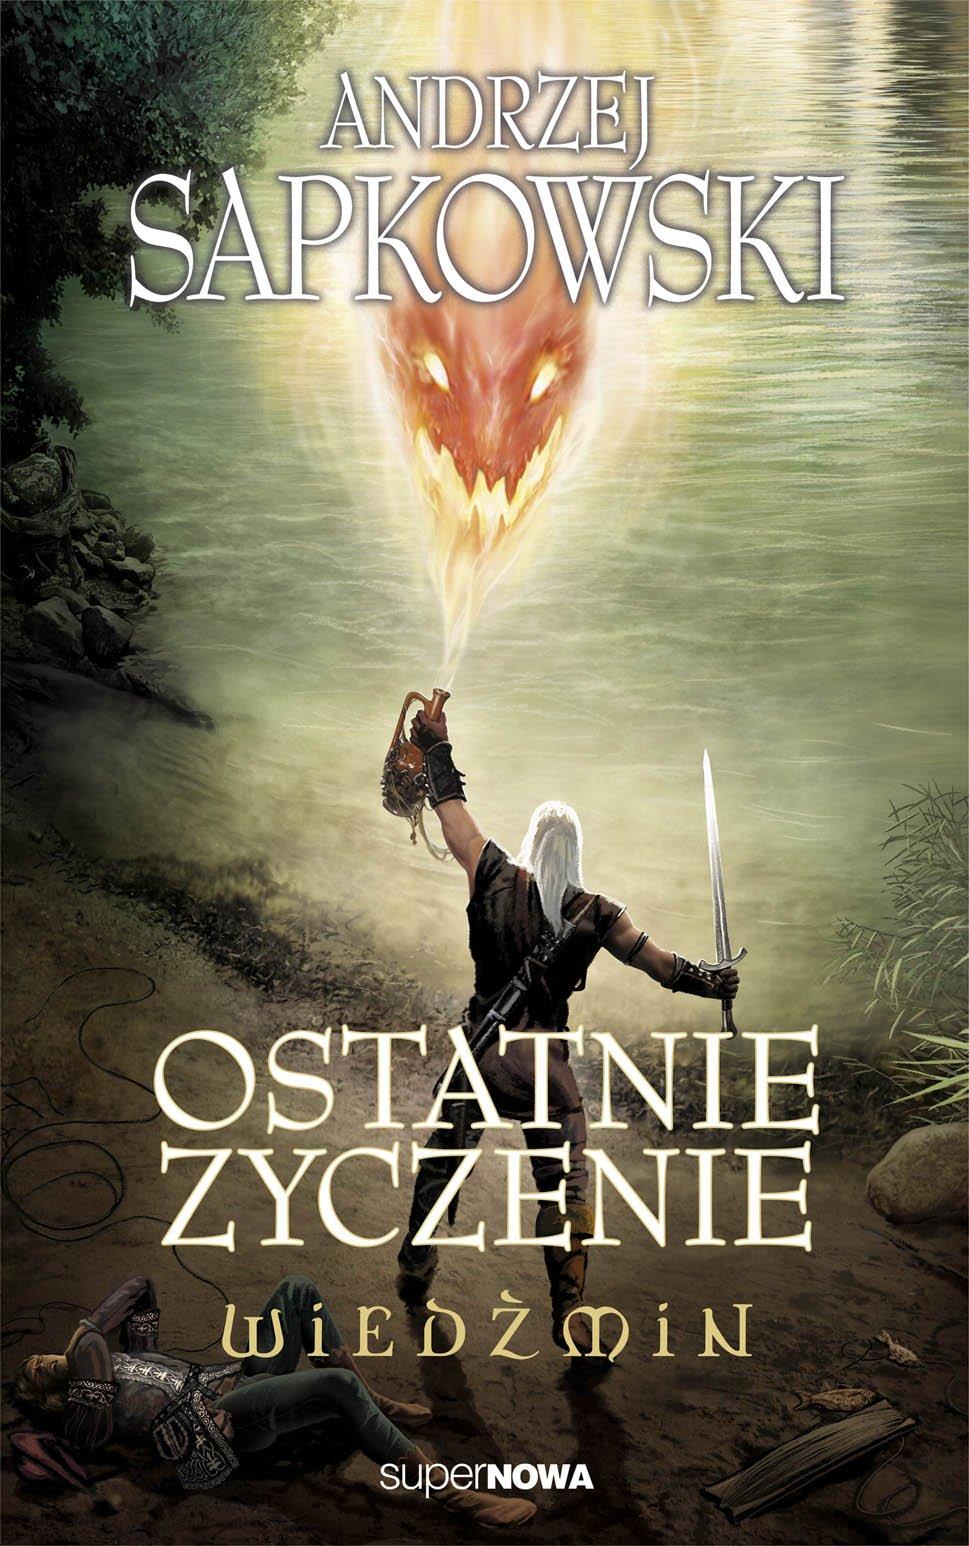 Wiedzmin Ostatnie zyczenie: Amazon.de: Andrzej Sapkowski ...